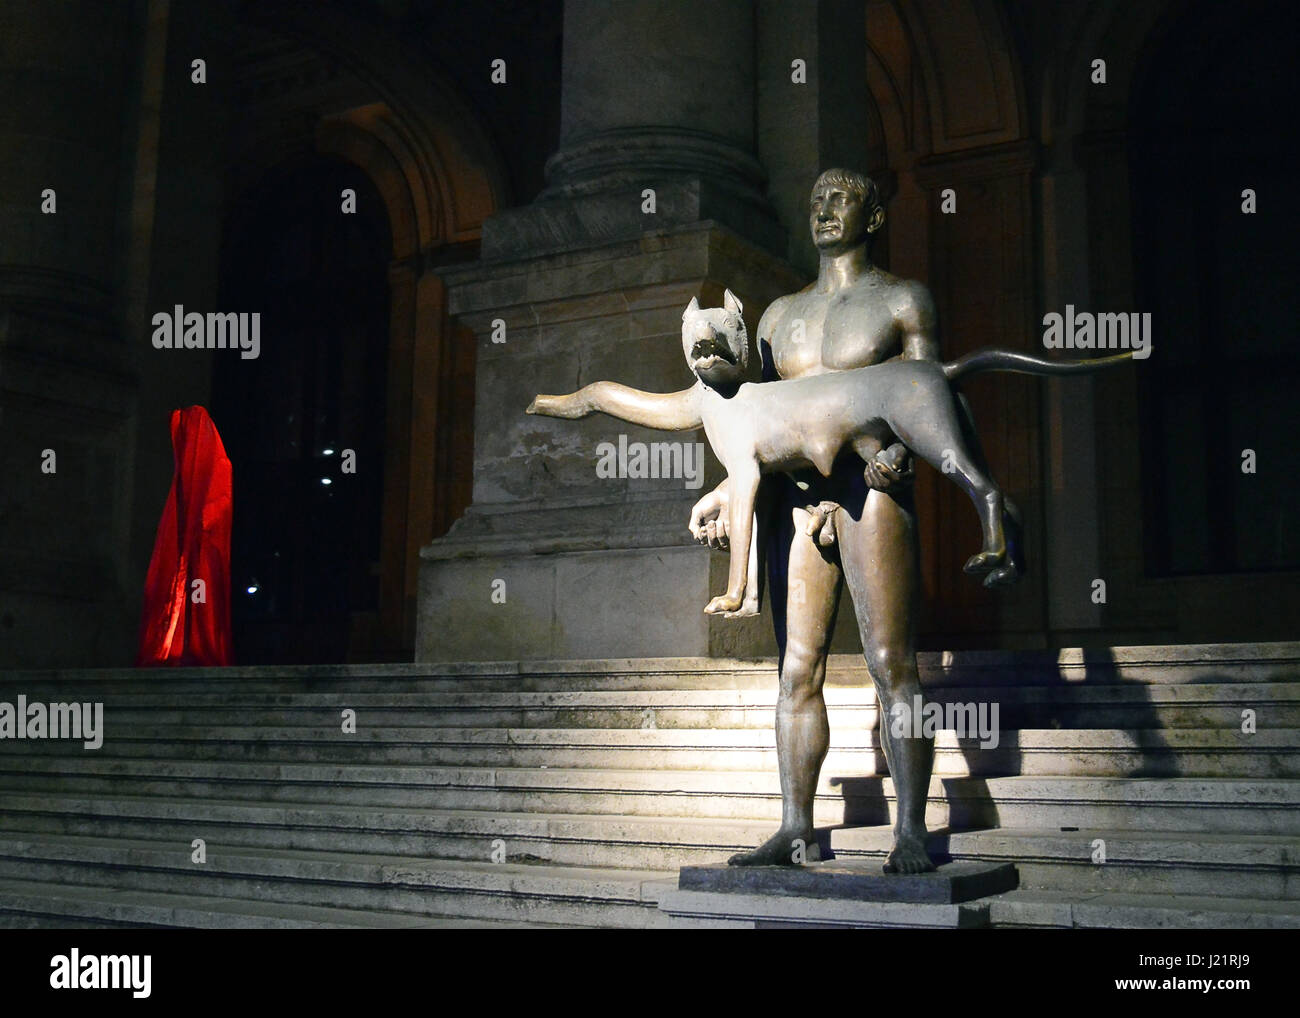 Bukarest, Rumänien. 23. April 2017. Bukarest, Rumänien - 23. April 2017: eines österreichischen Bildhauer Stockbild